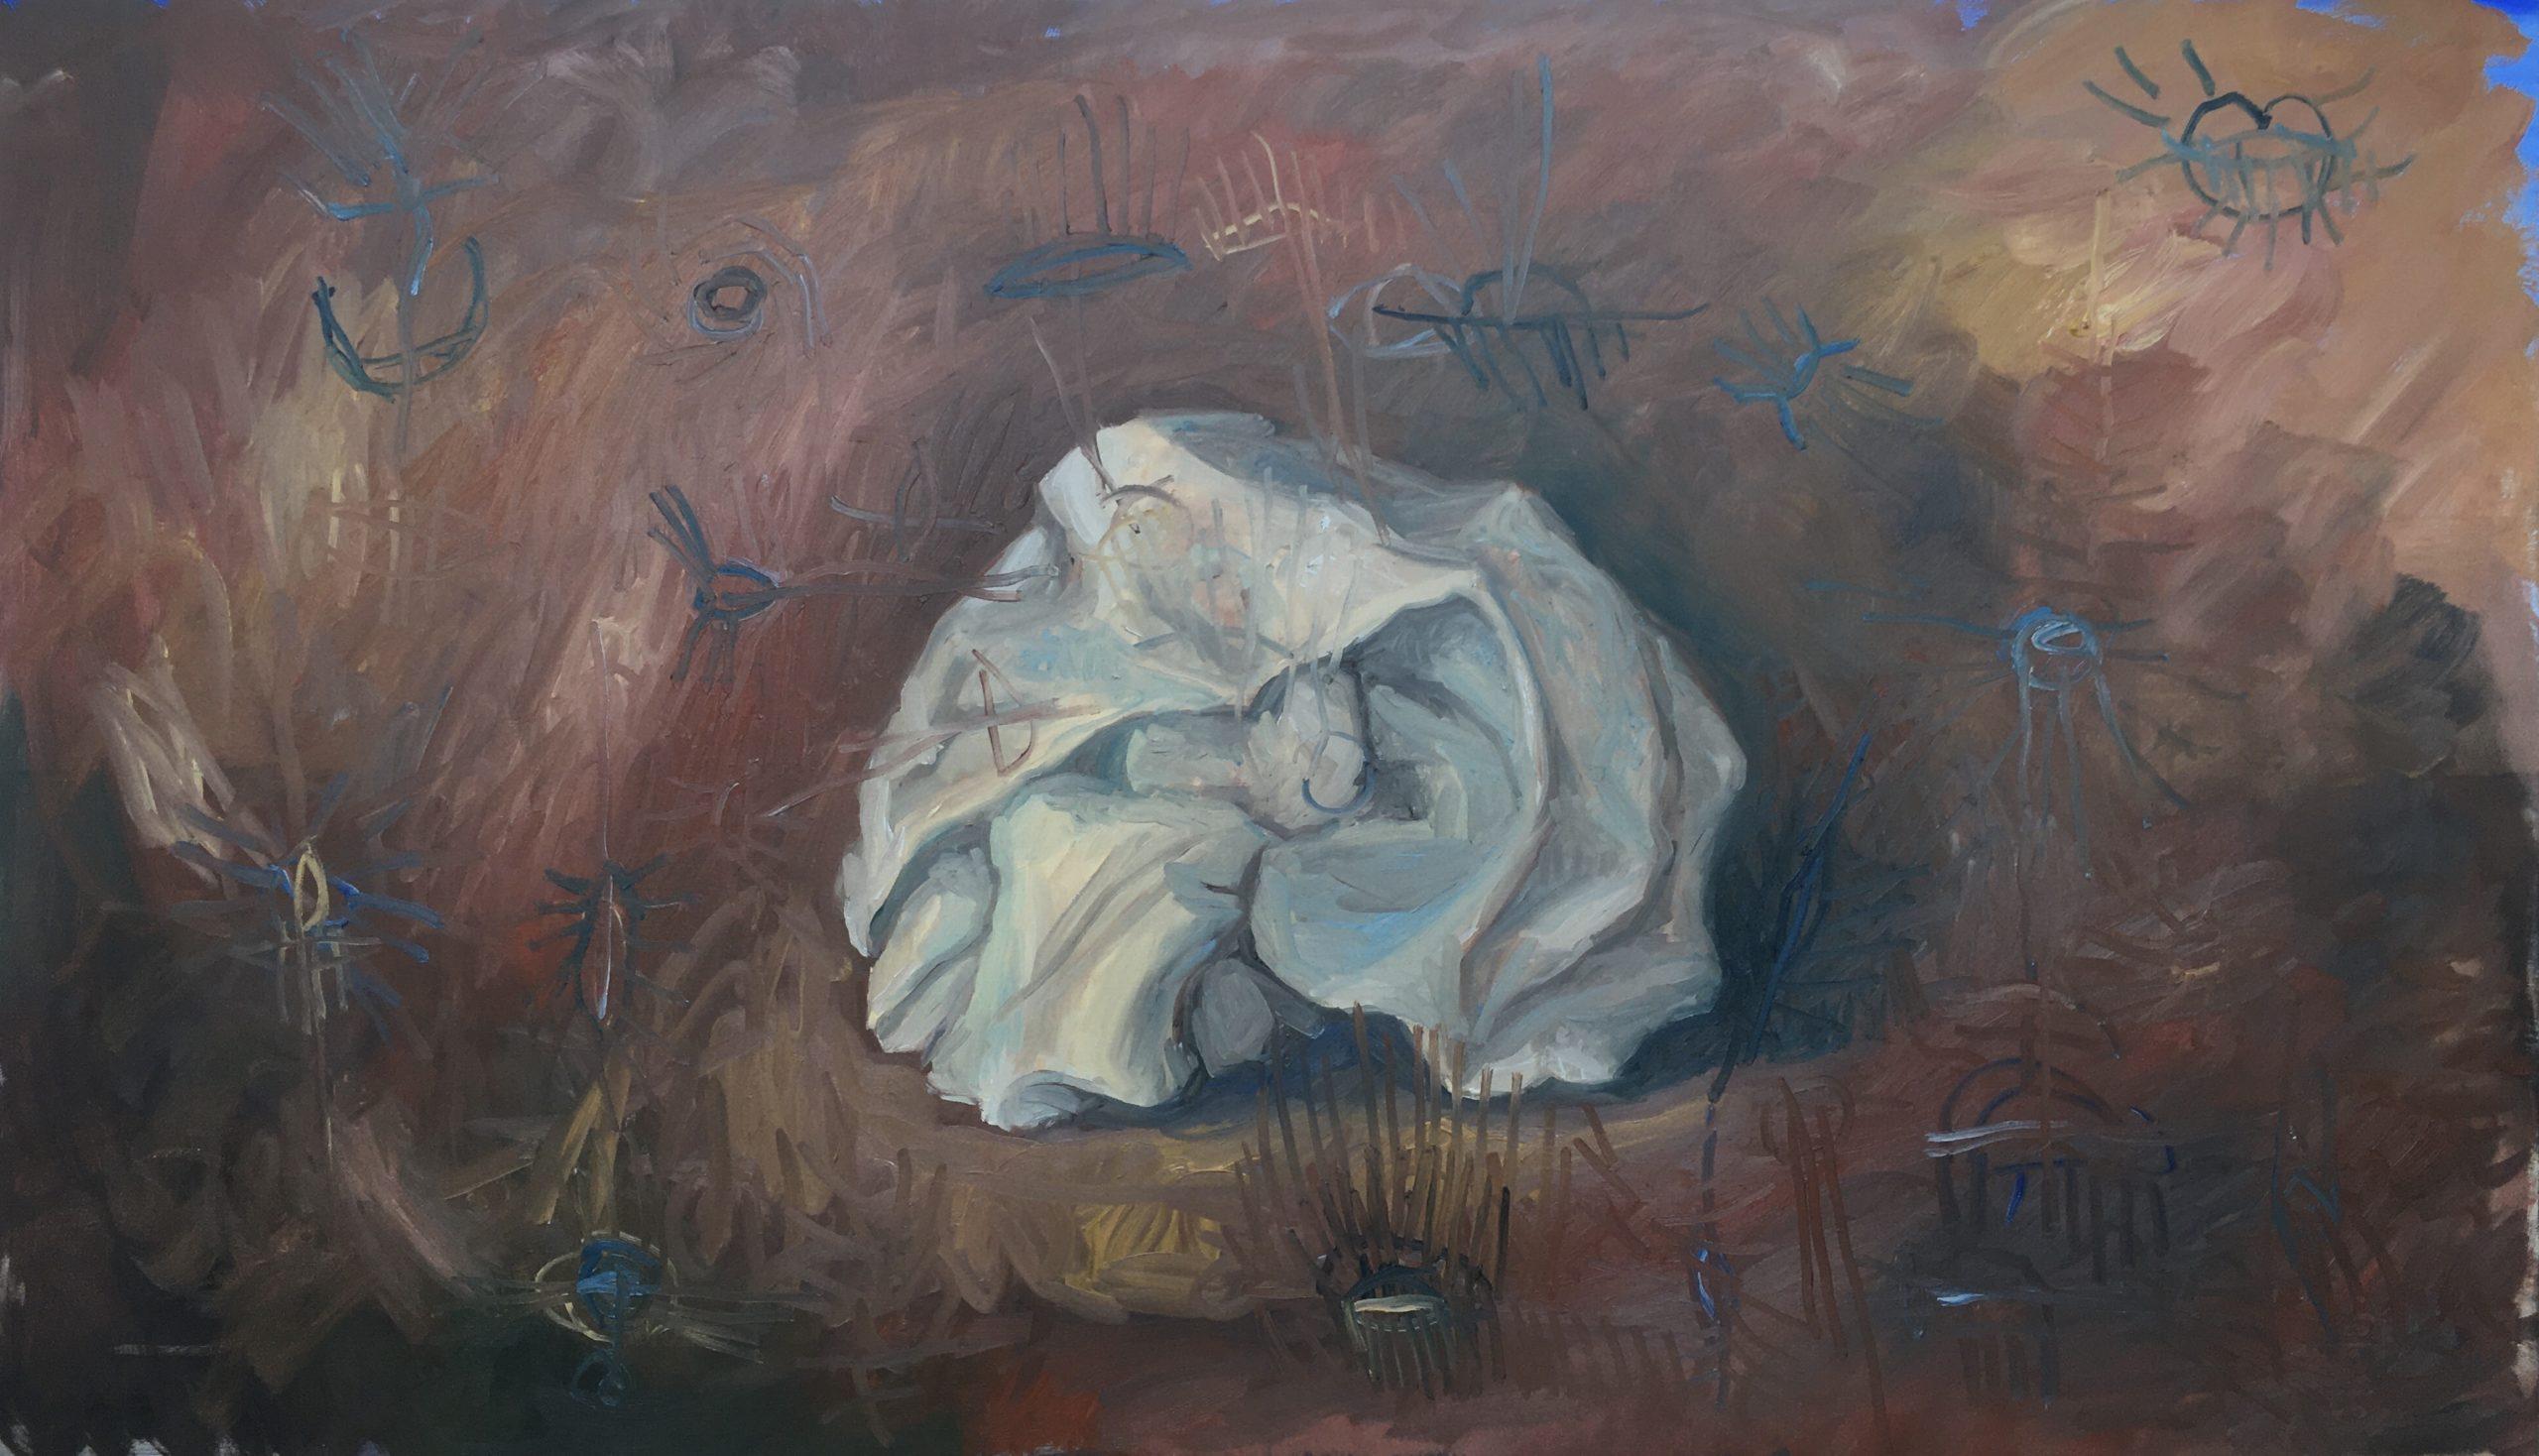 painting dipinto Bacco Artolini Ravenna 2020 Italy